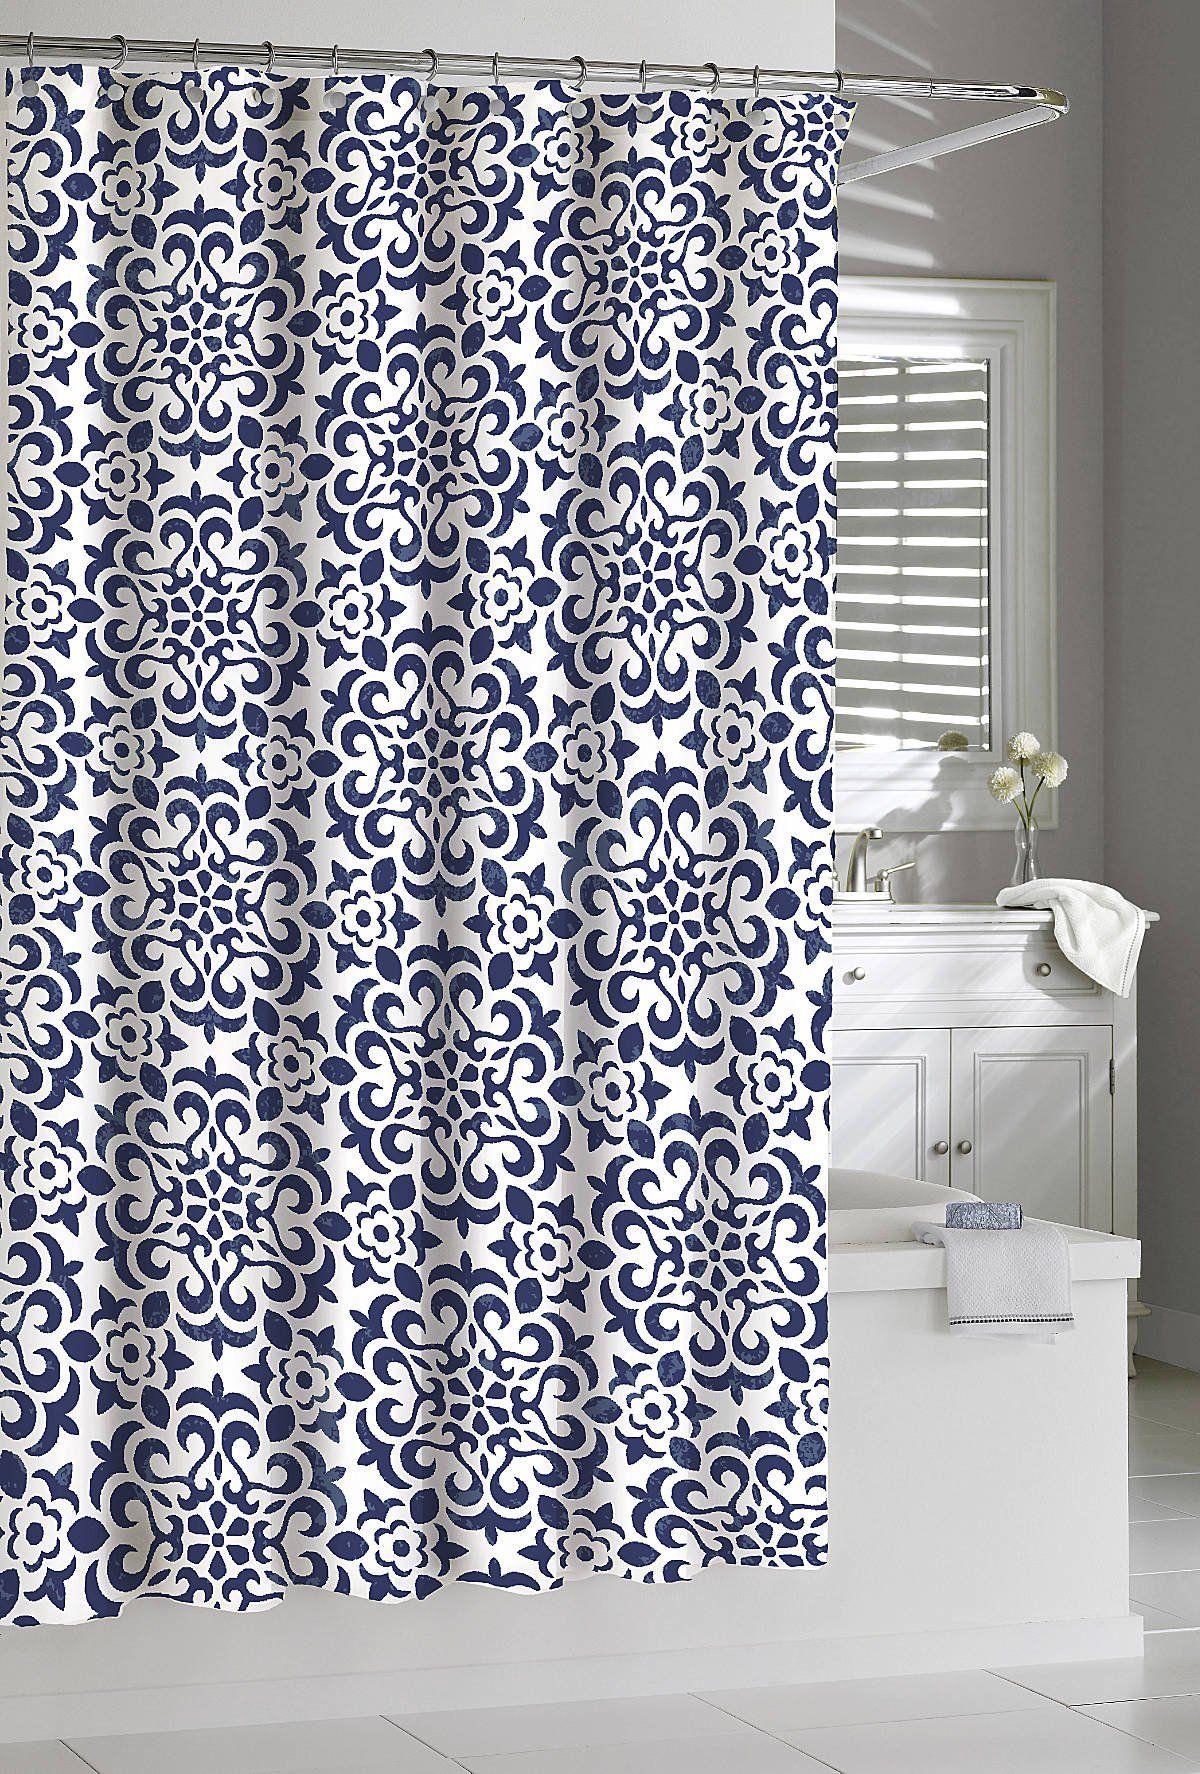 shower curtain kassatex navy white seawave medallion dark indigo 72 x 72 cotton. Black Bedroom Furniture Sets. Home Design Ideas